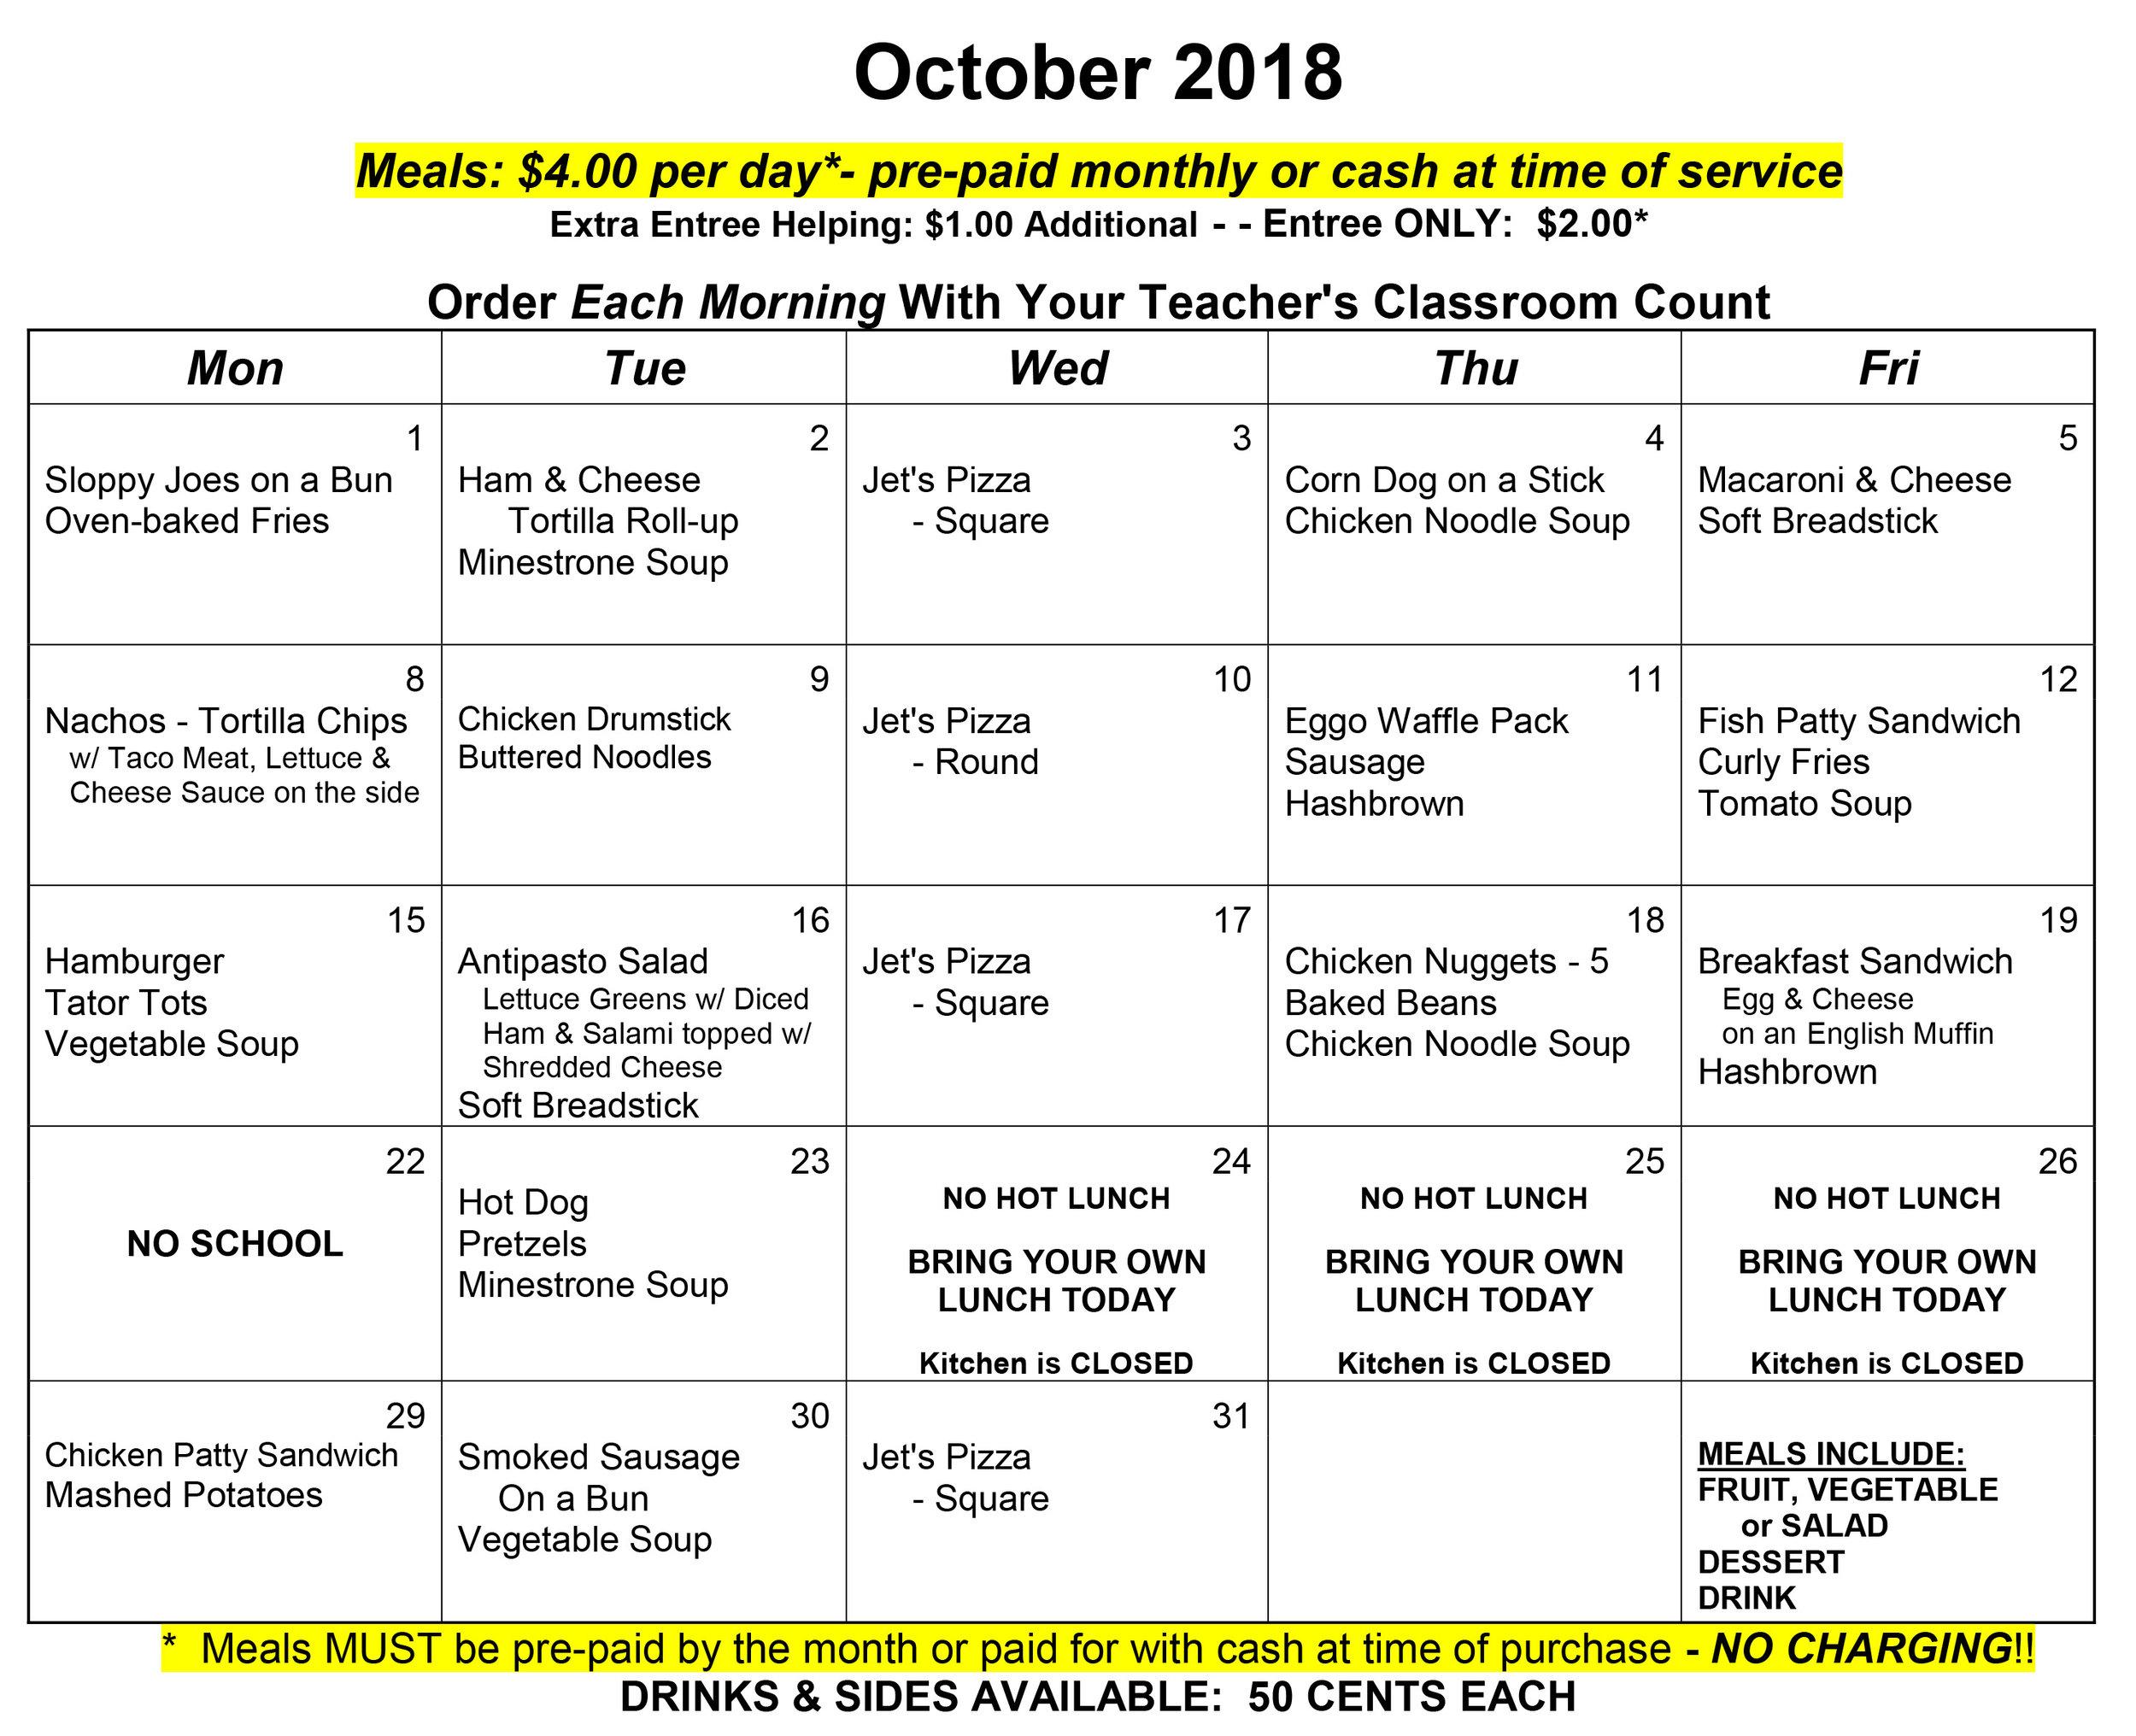 October 2018 Lunch Menu.jpg